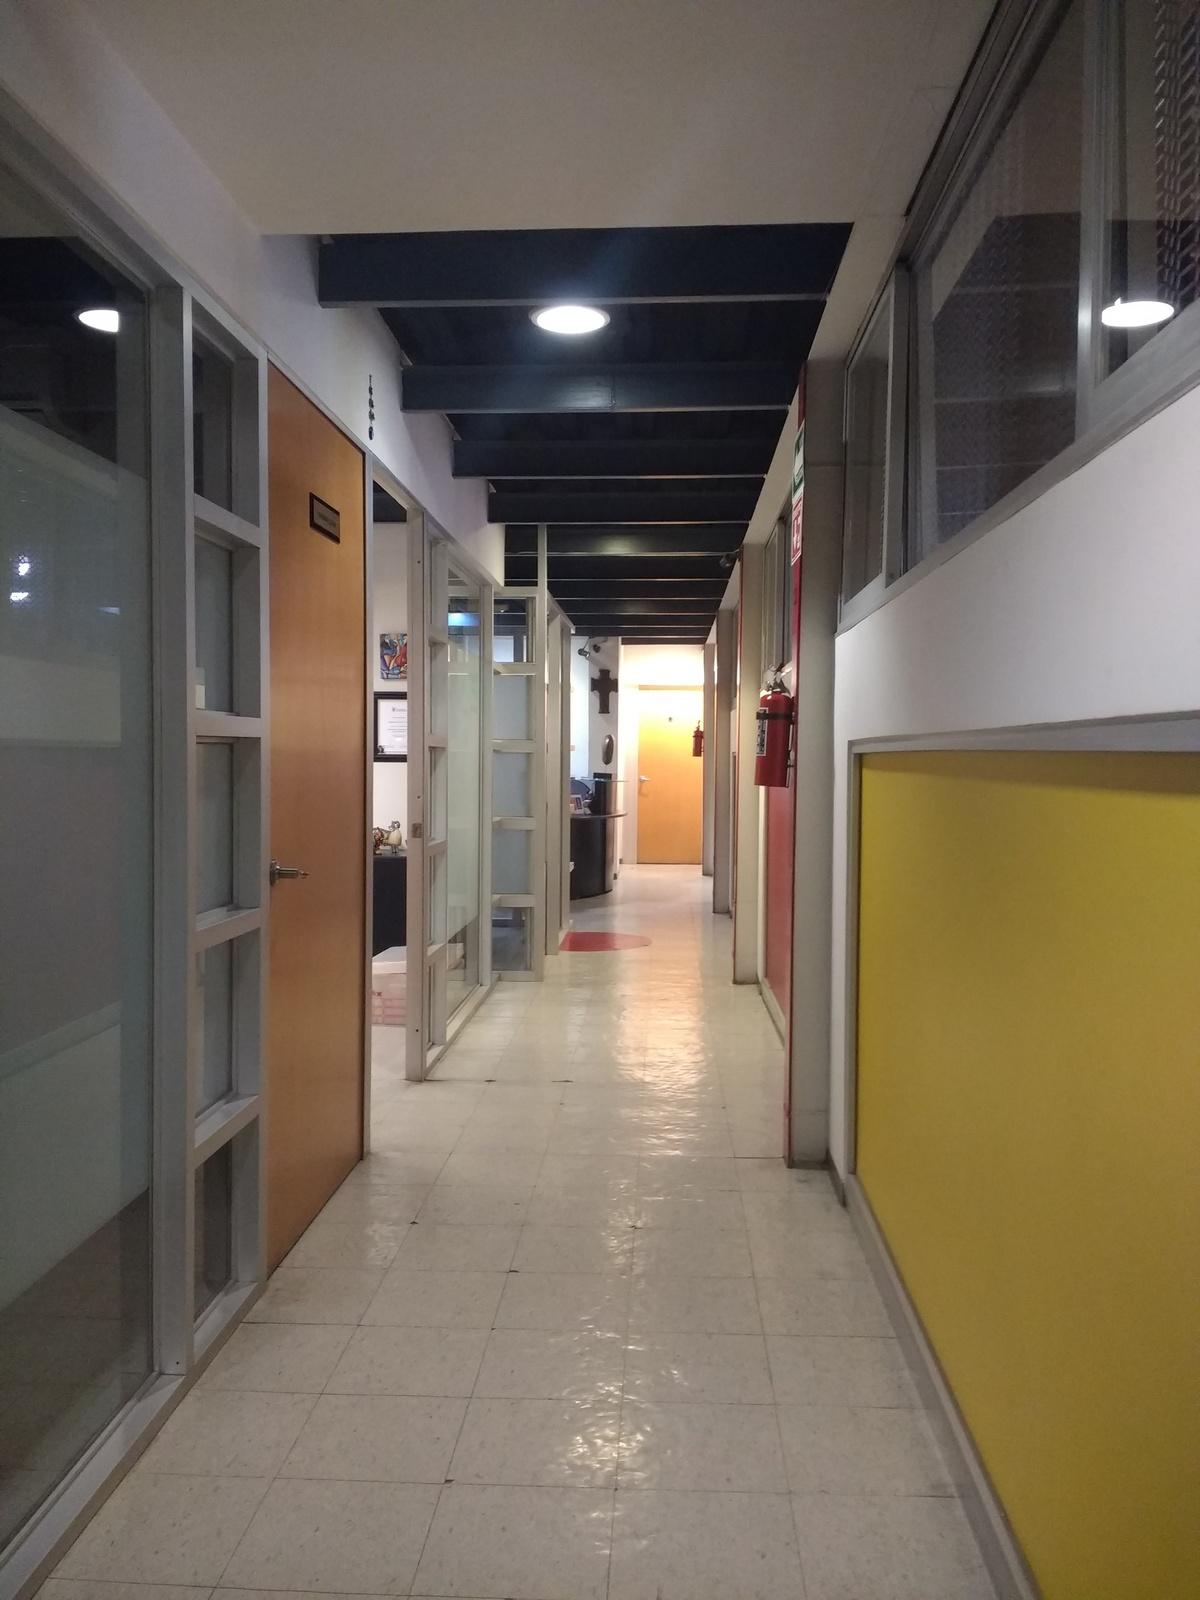 7 de 15: Pasillo Oficinas. 4 cubículos independientes o privados